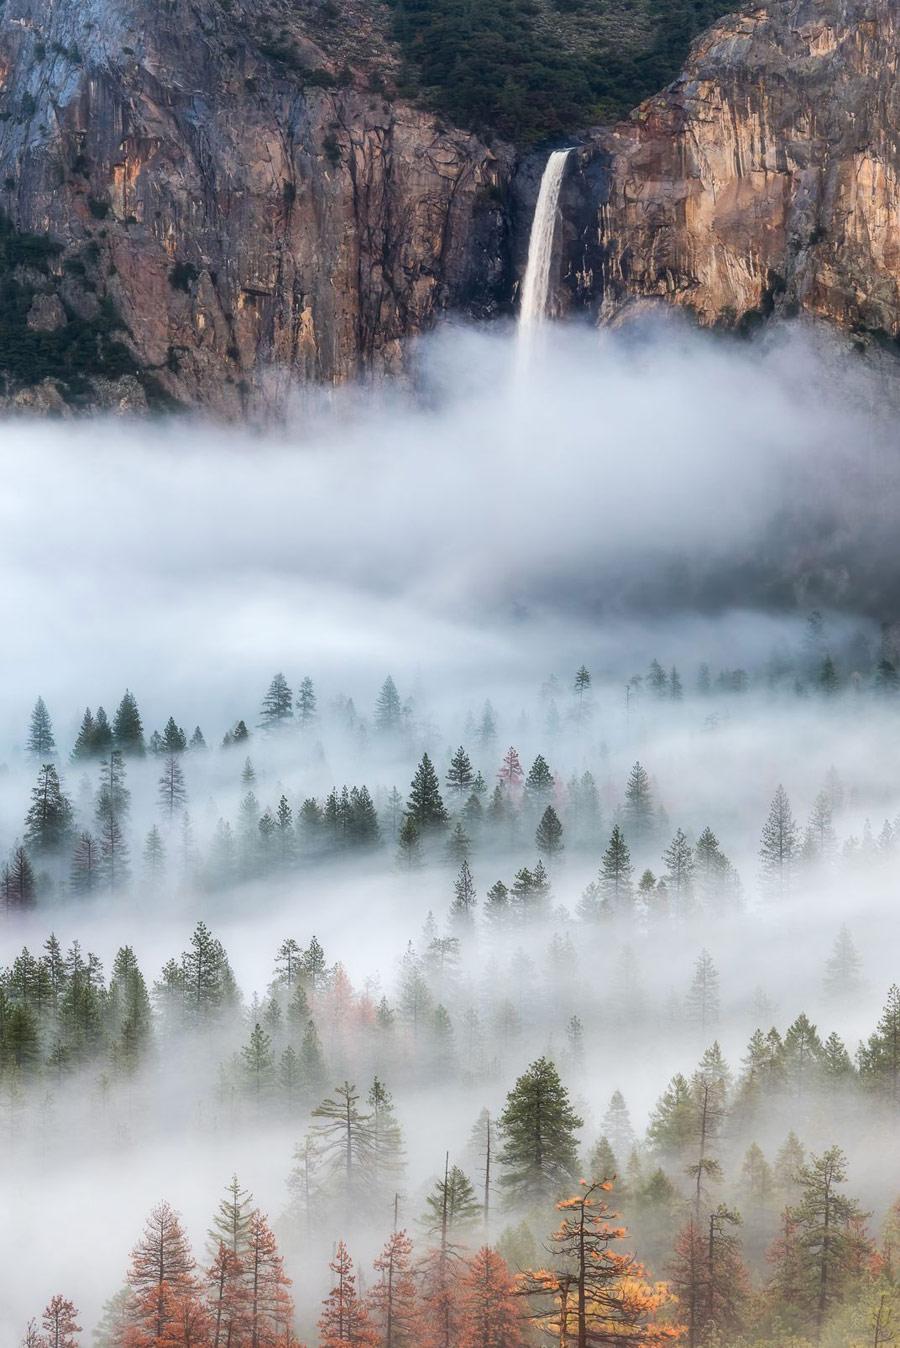 В тумане, © Брэндон У, Победитель категории «Окружающая среда», Фотоконкурс CEPIC Stock Photography Awards